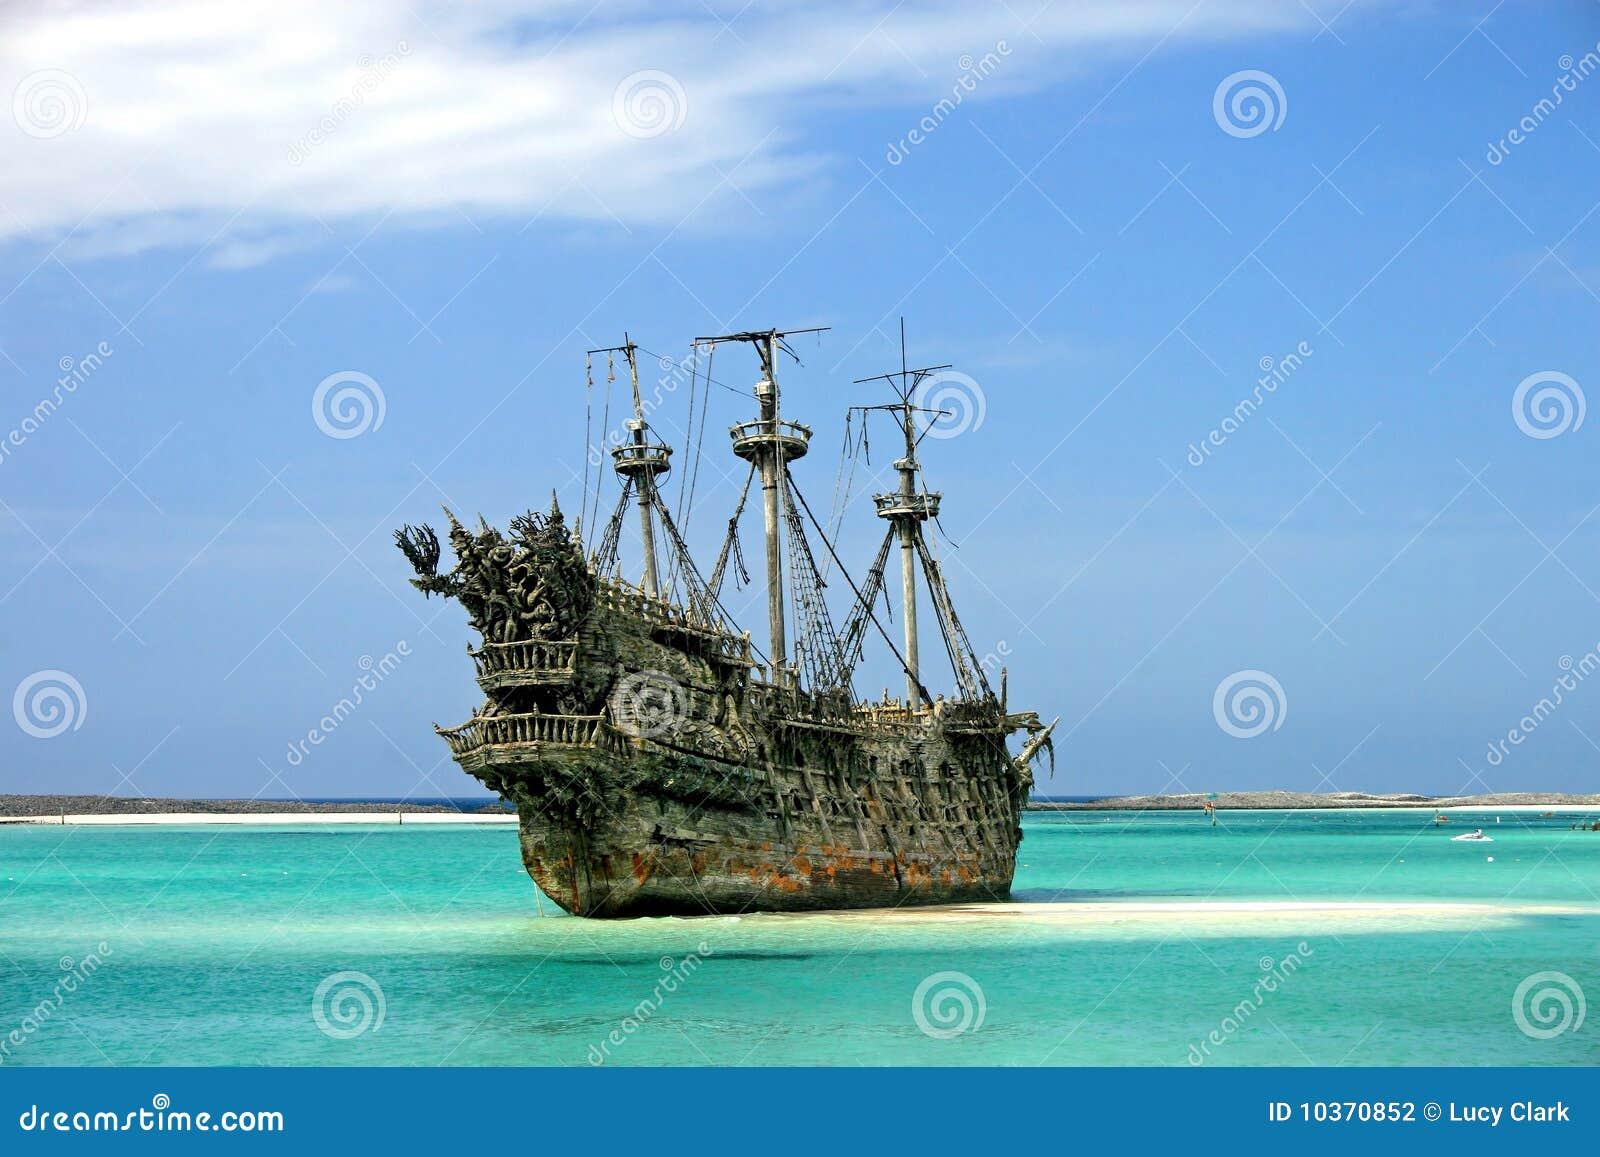 Bateau de pirate des cara bes photographie stock image - Image bateau pirate ...